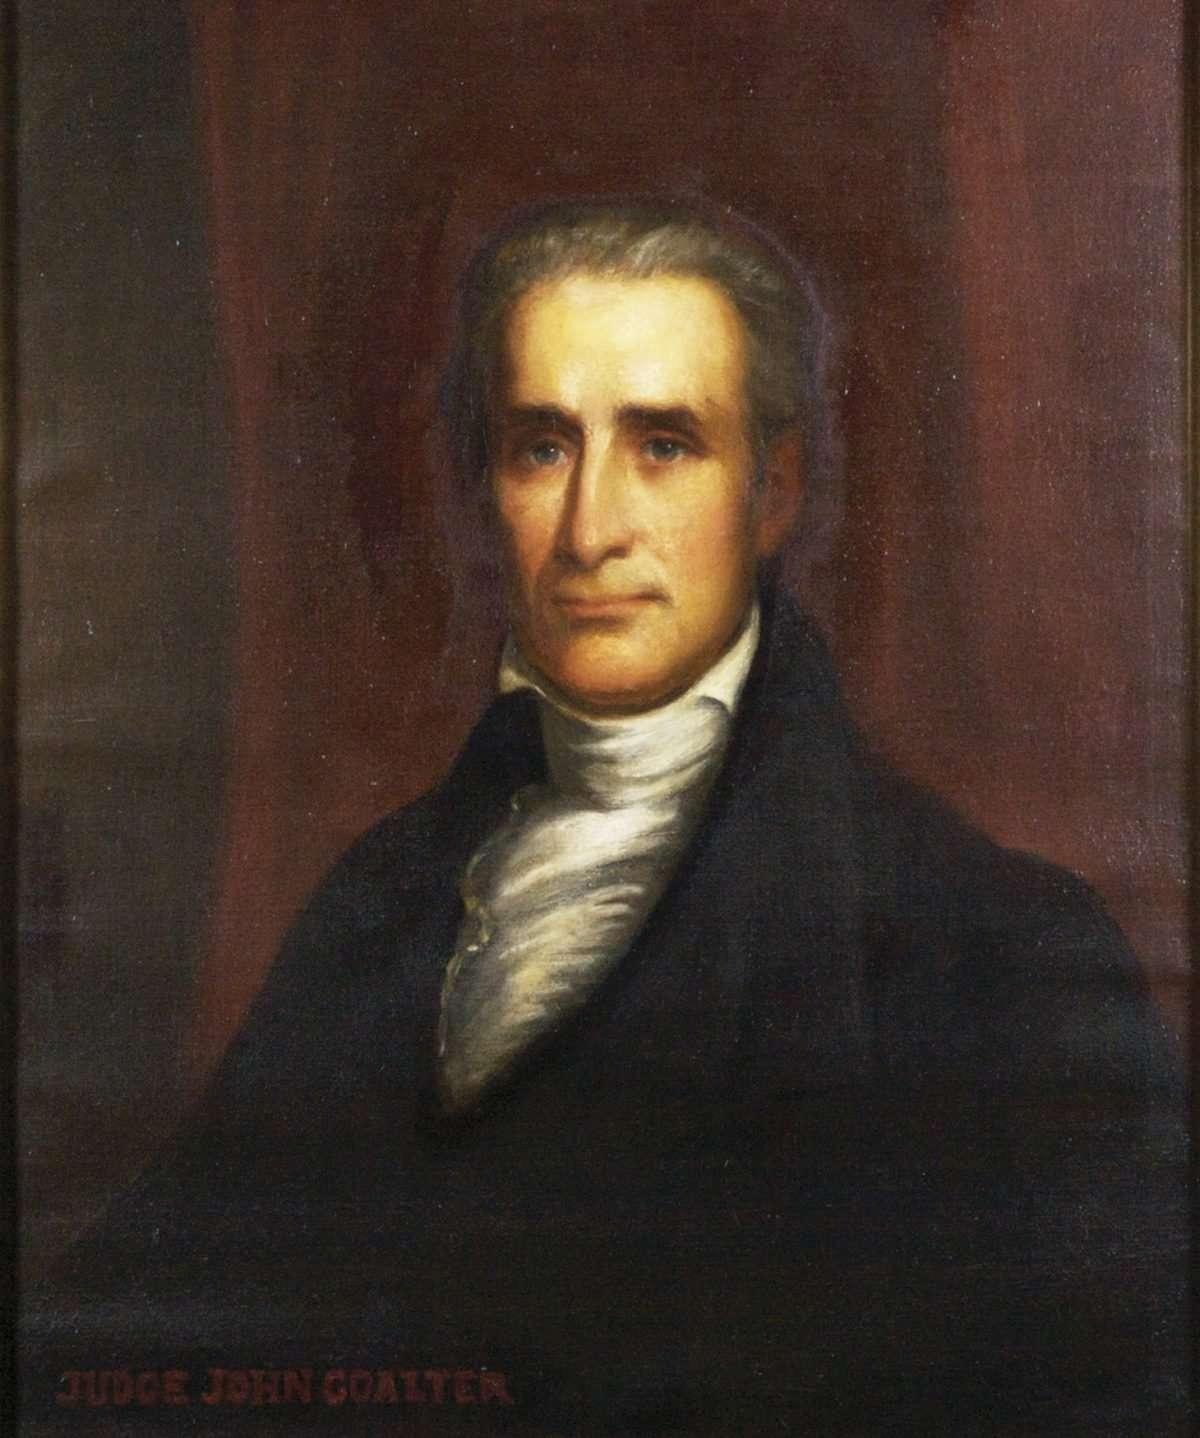 Judge John Coalter